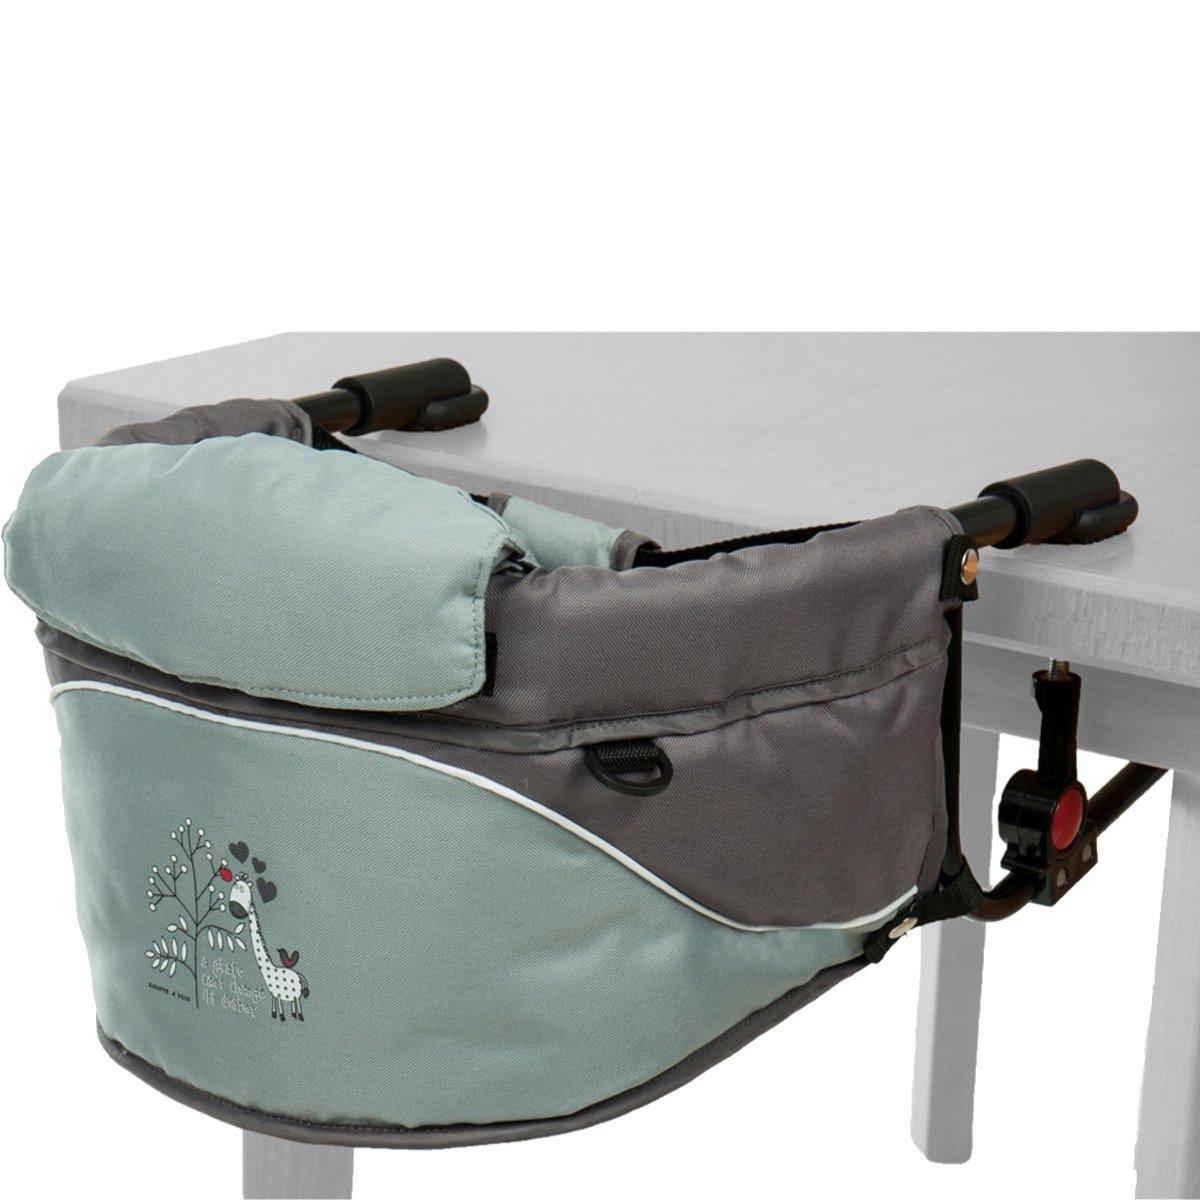 Tischsitz Stuhlsitz mit Giraffen-Aufdruck und Transporttasche Hochstuhl Bis 15Kg